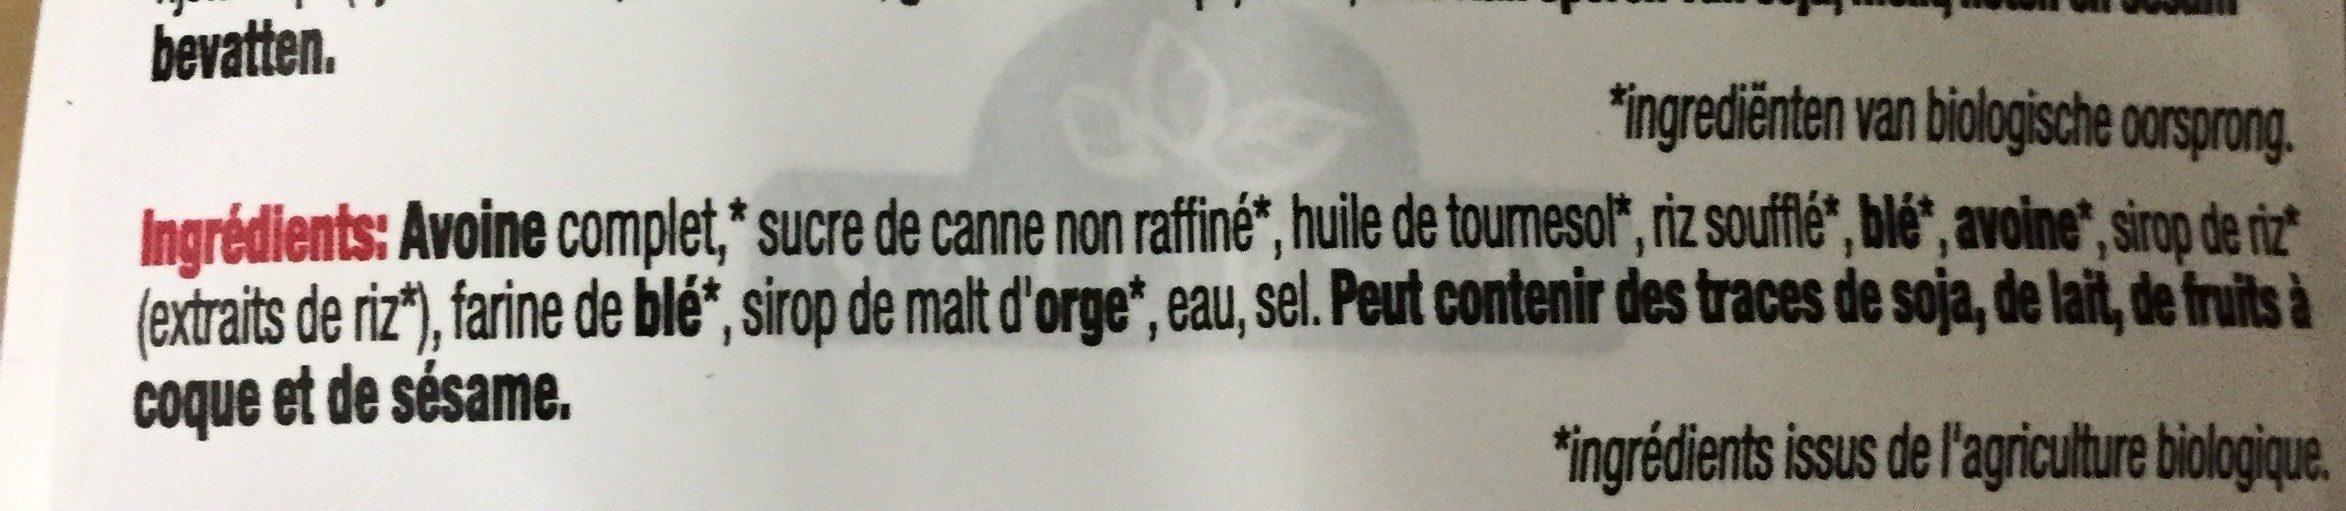 Muesli Crujiente - Ingrédients - fr